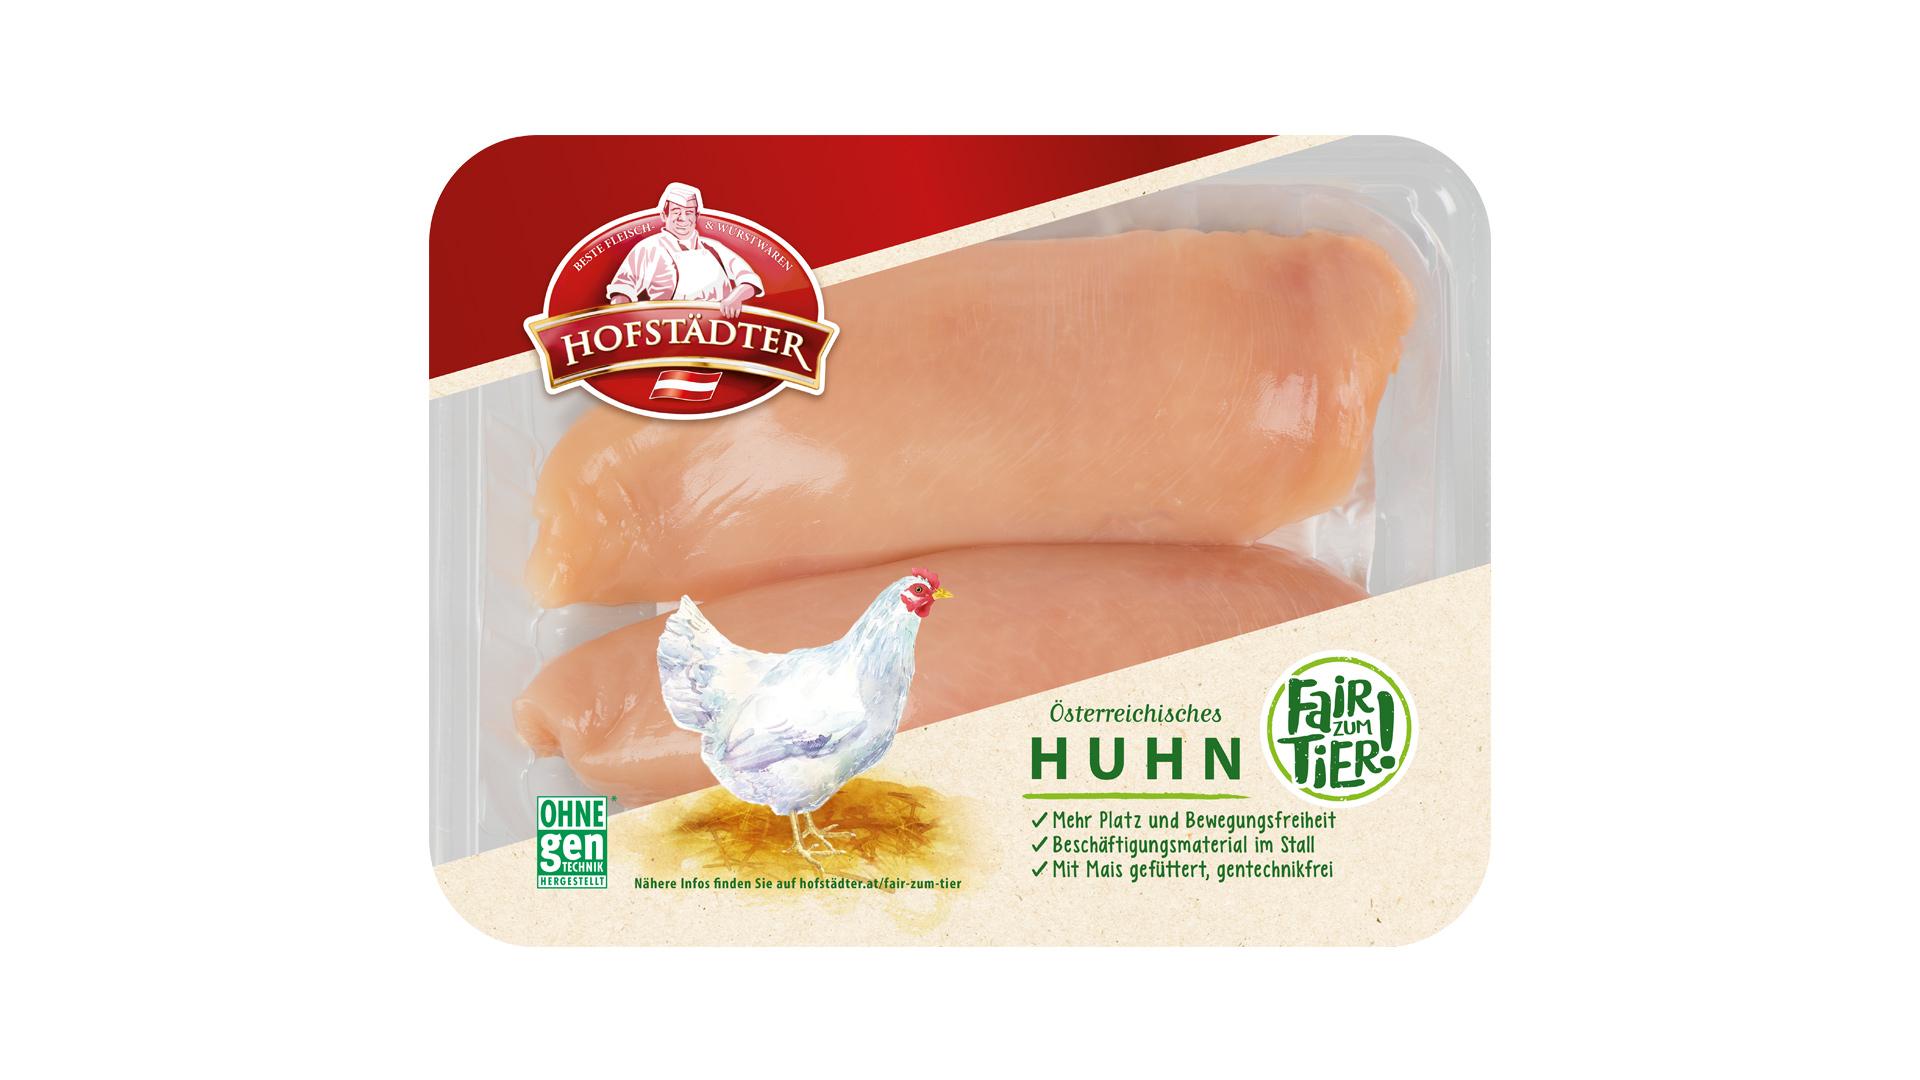 Hofstädter Hühnerfilets 2 Stück